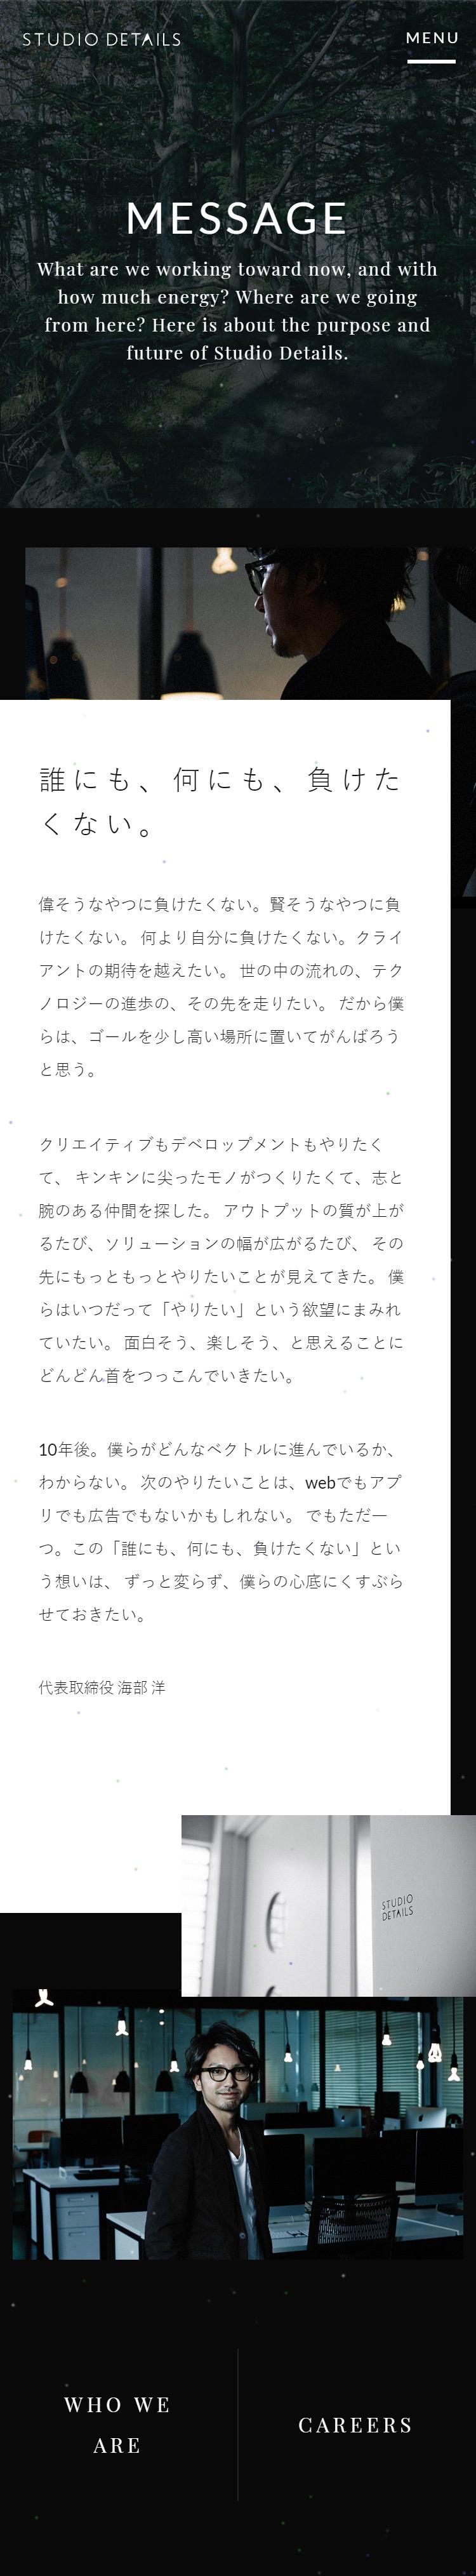 株式会社スタジオ ディテイルズ